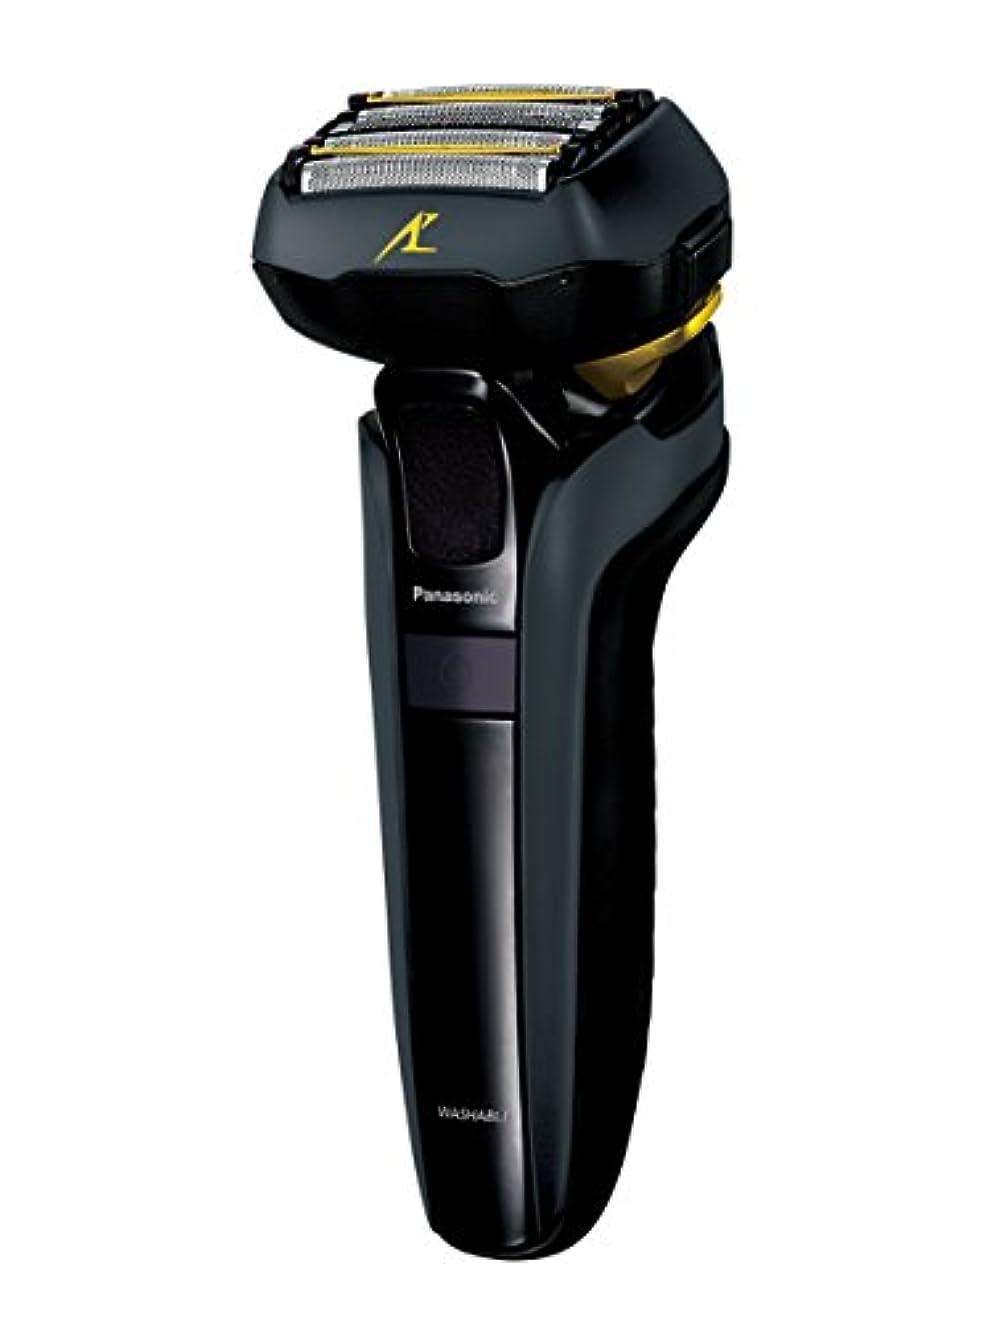 限界セールスマン知り合いパナソニック ラムダッシュ メンズシェーバー 5枚刃 黒 ES-CLV5D-K